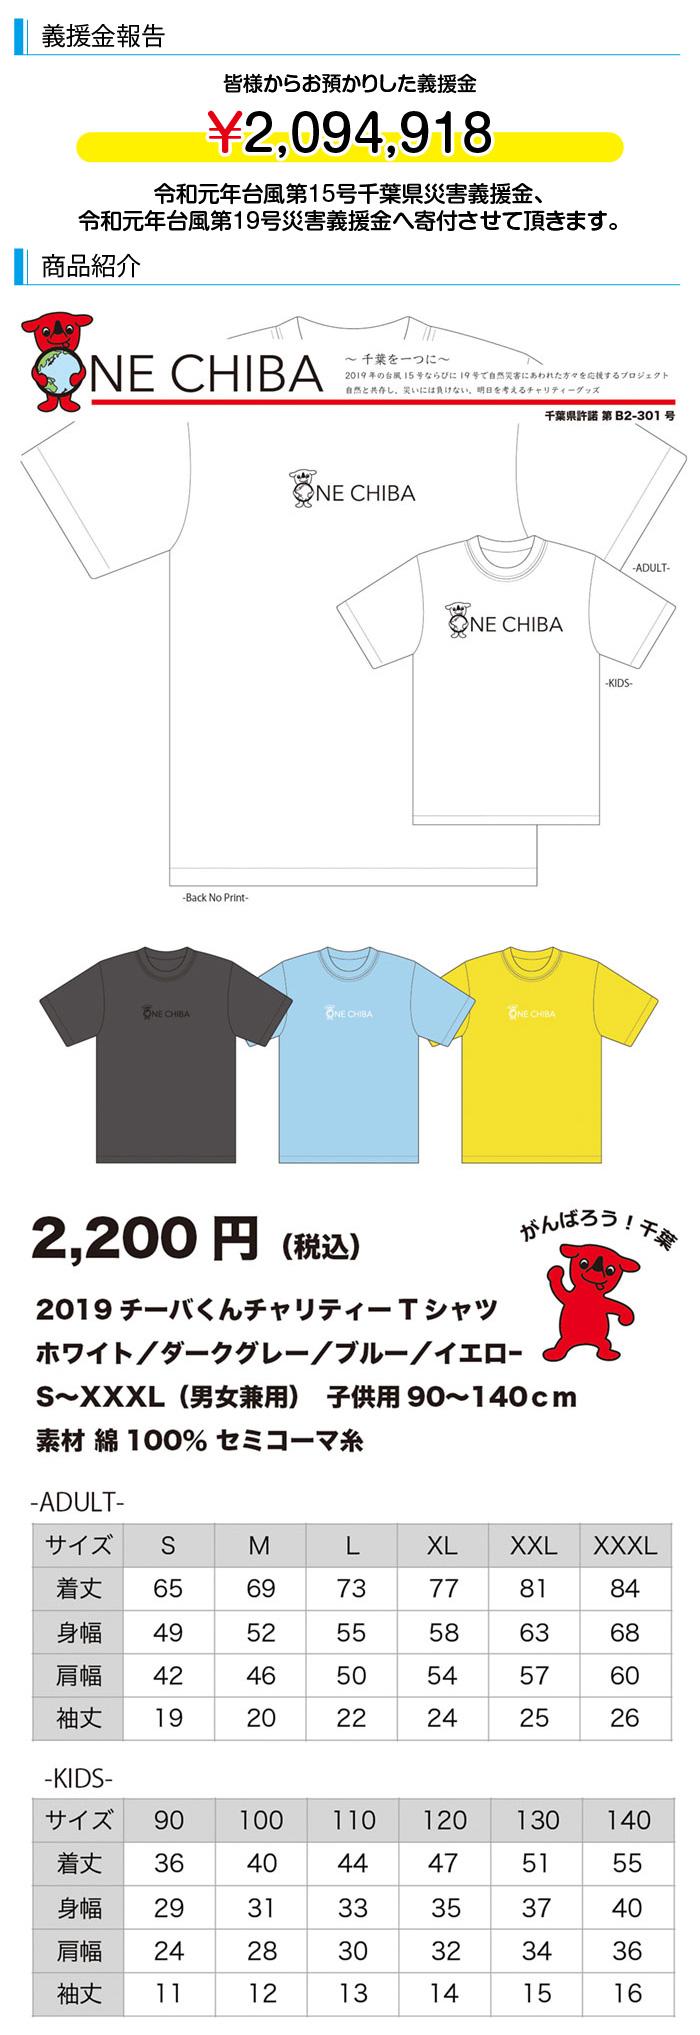 台風19号チャリTシャツ金額20200131